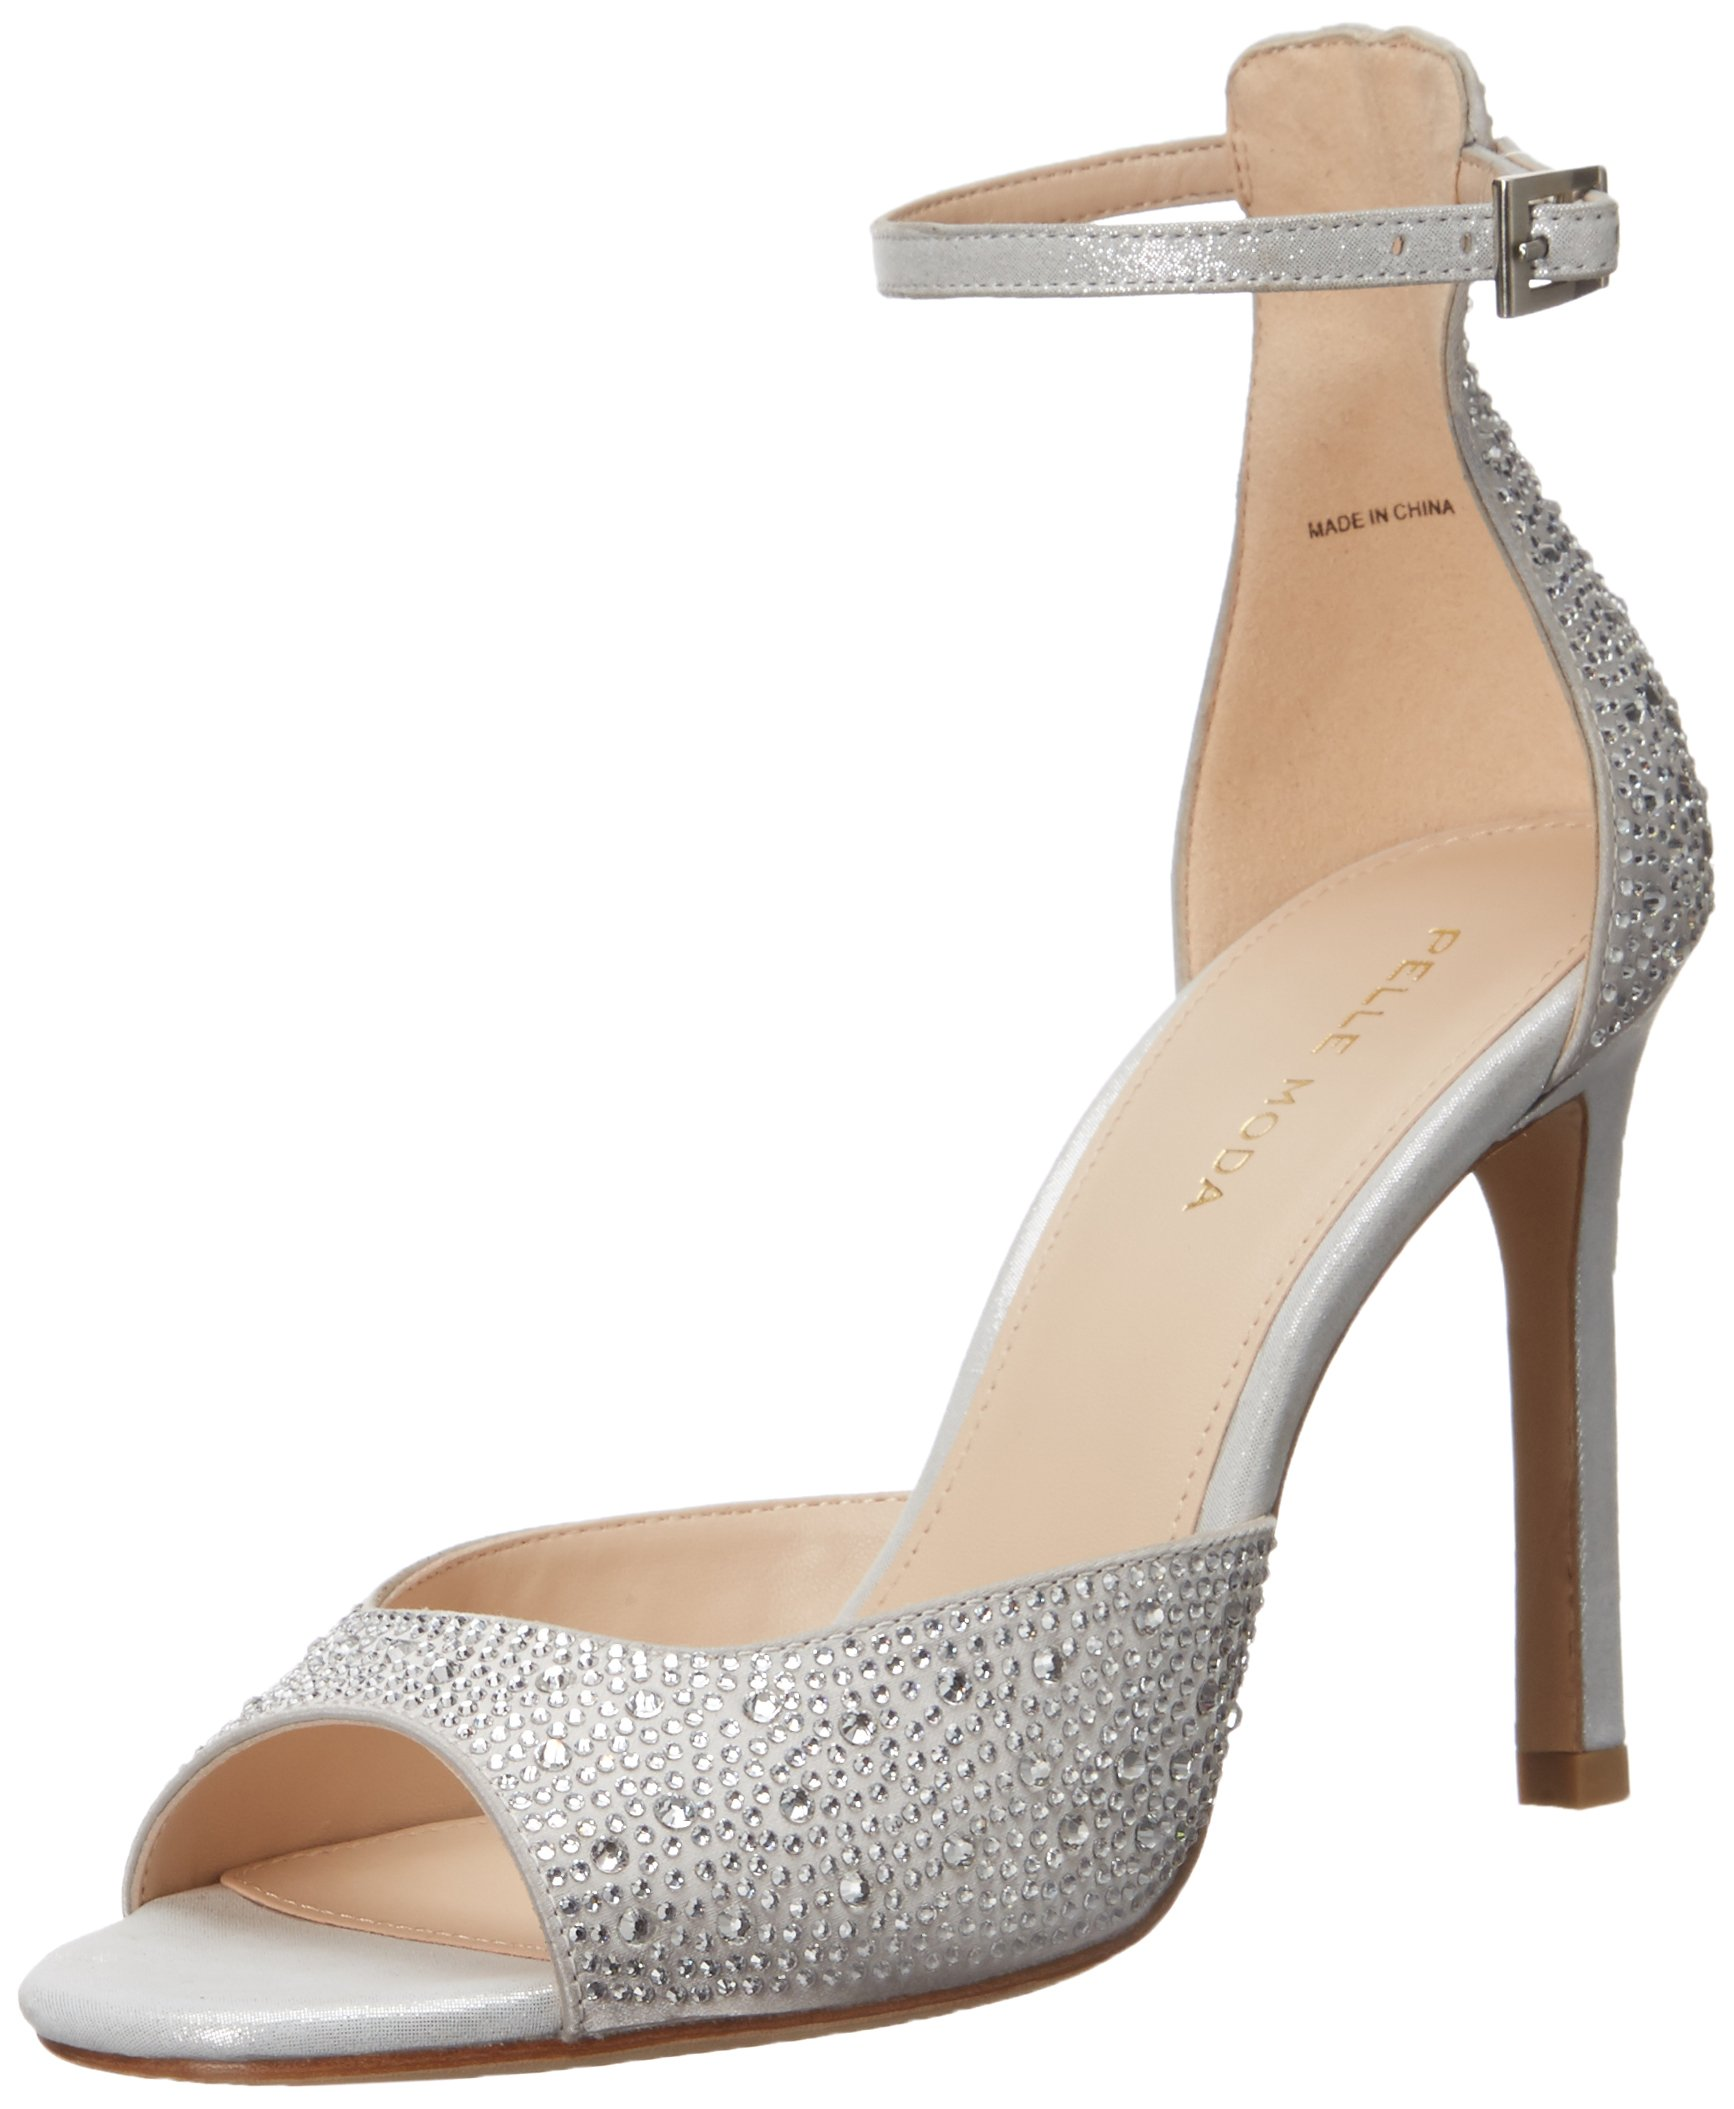 Pelle Moda Women's Erica Dress Sandal, Silver, 6.5 B US by Pelle Moda